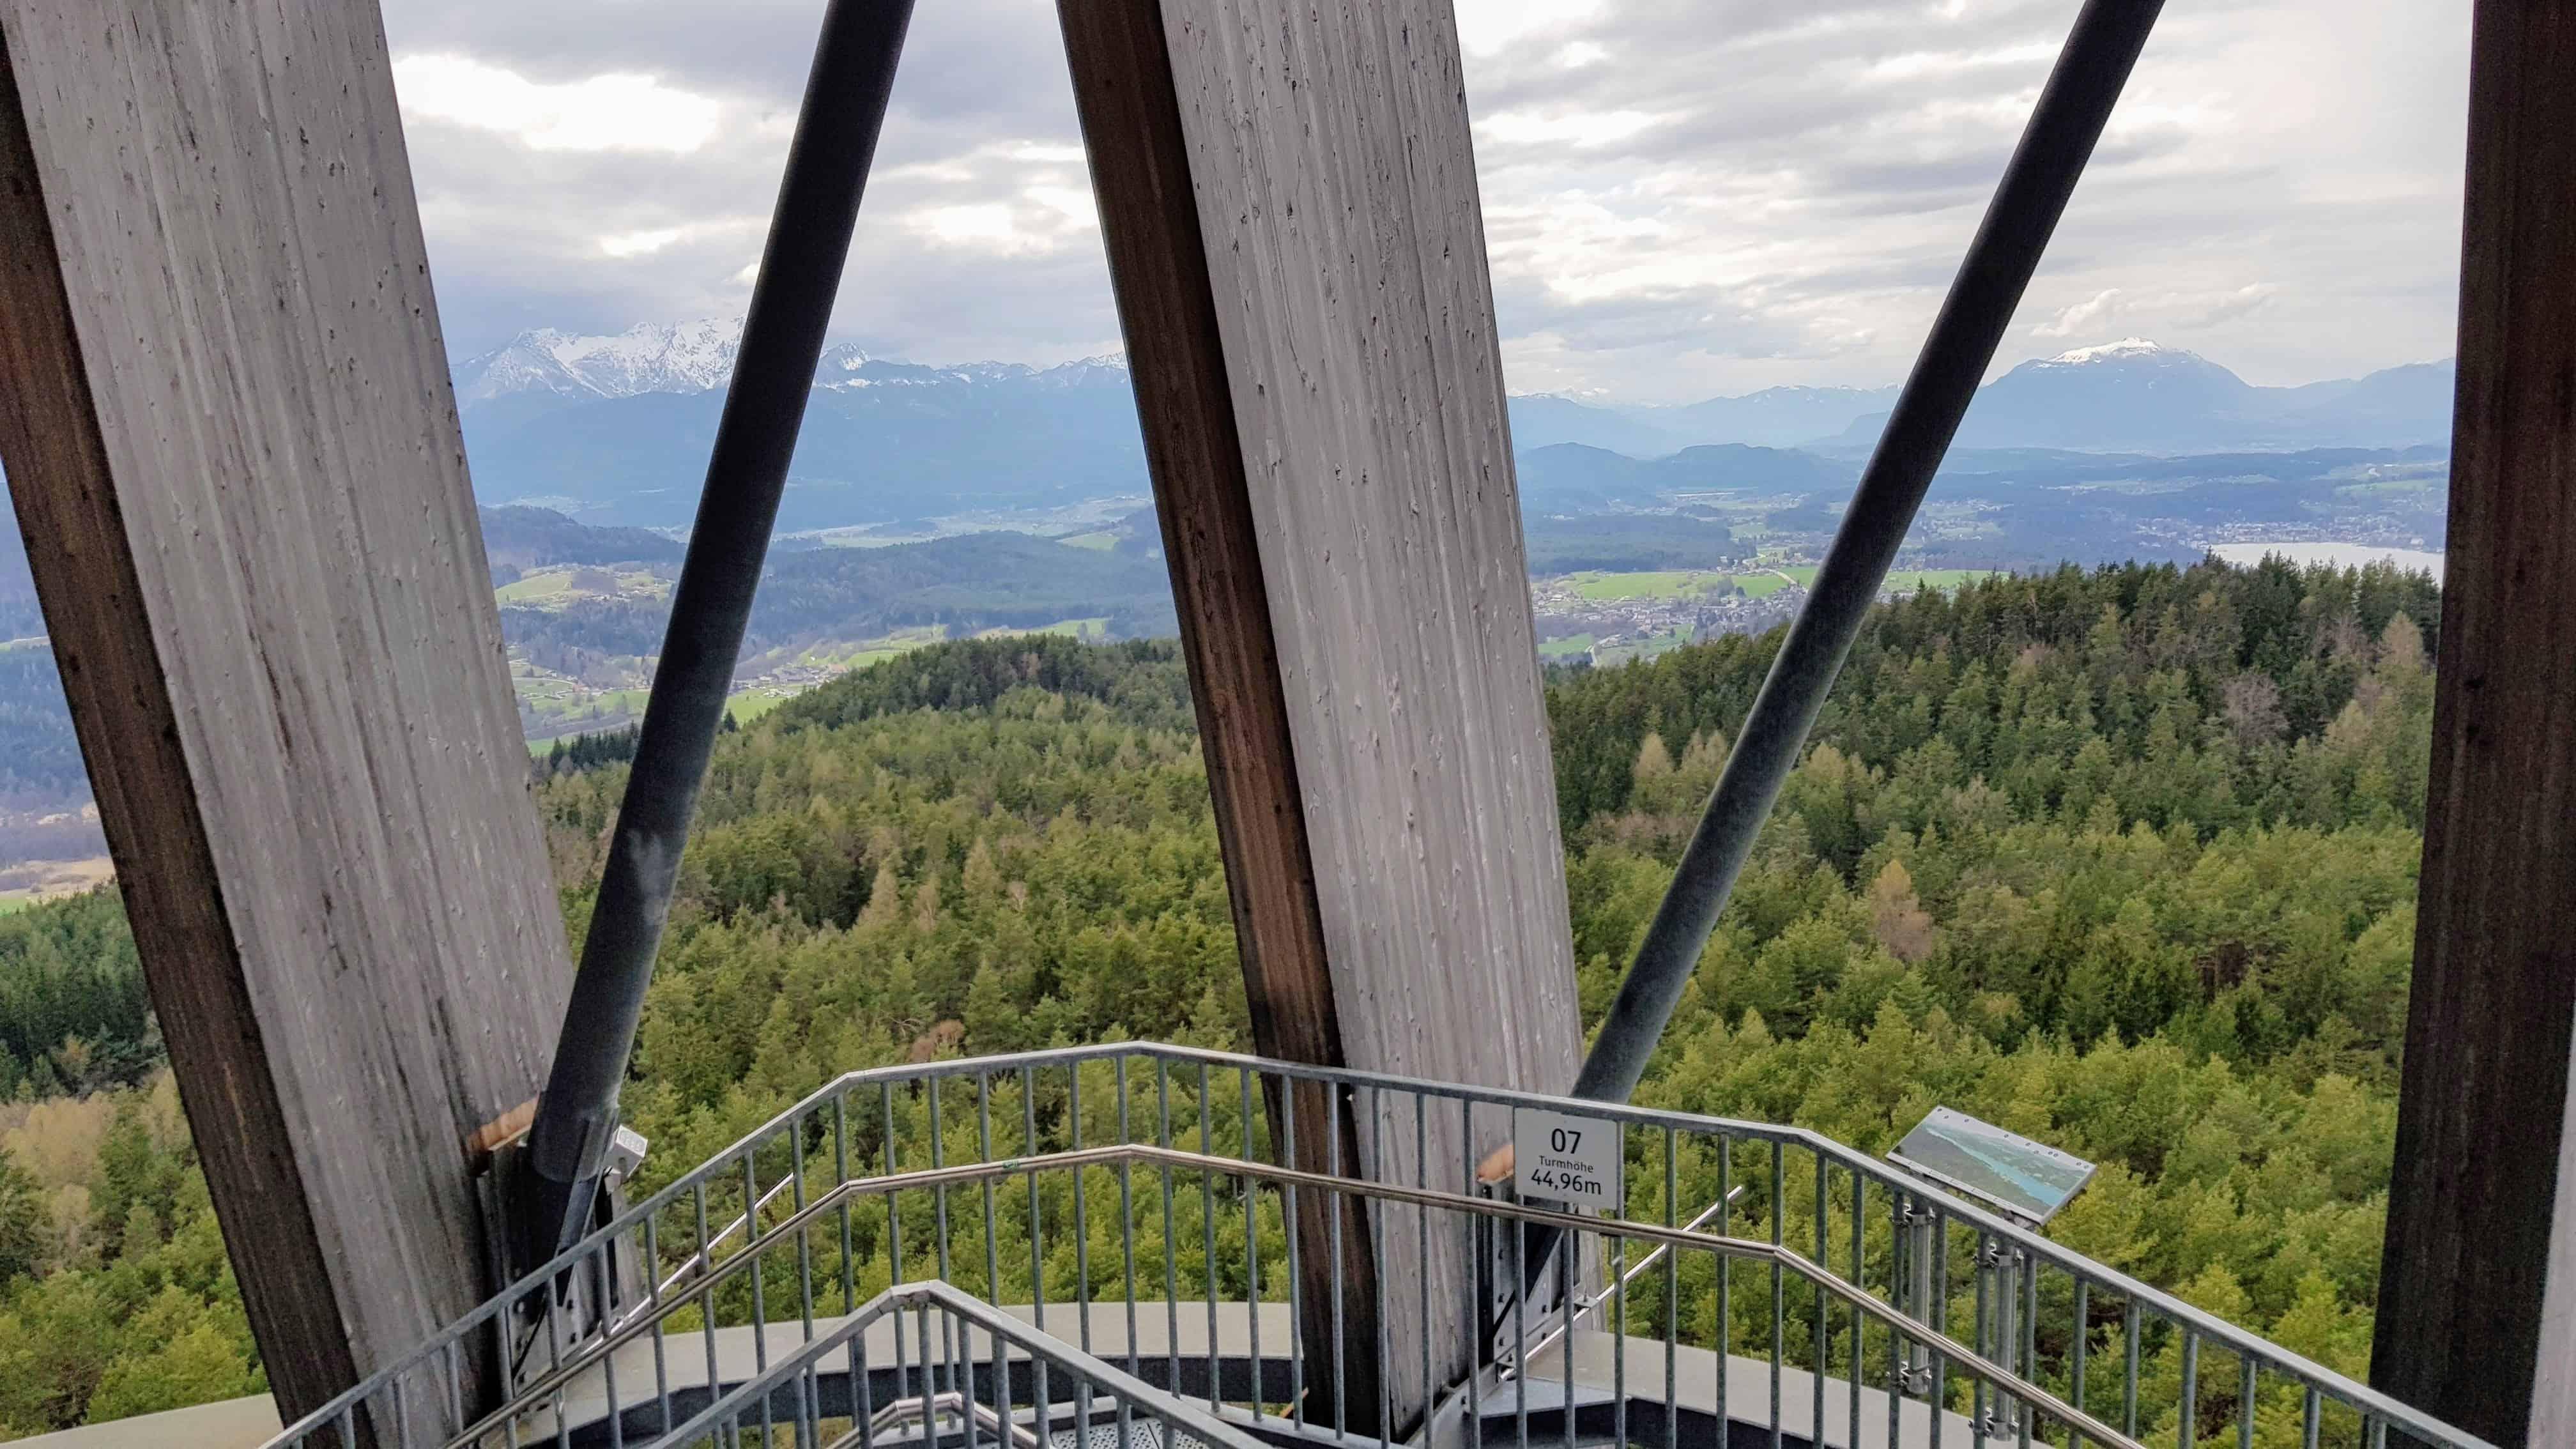 zu Fuß auf den Aussichtsturm Pyramidenkogel - Stiege auf den Turm. Aktivitäten Wörthersee